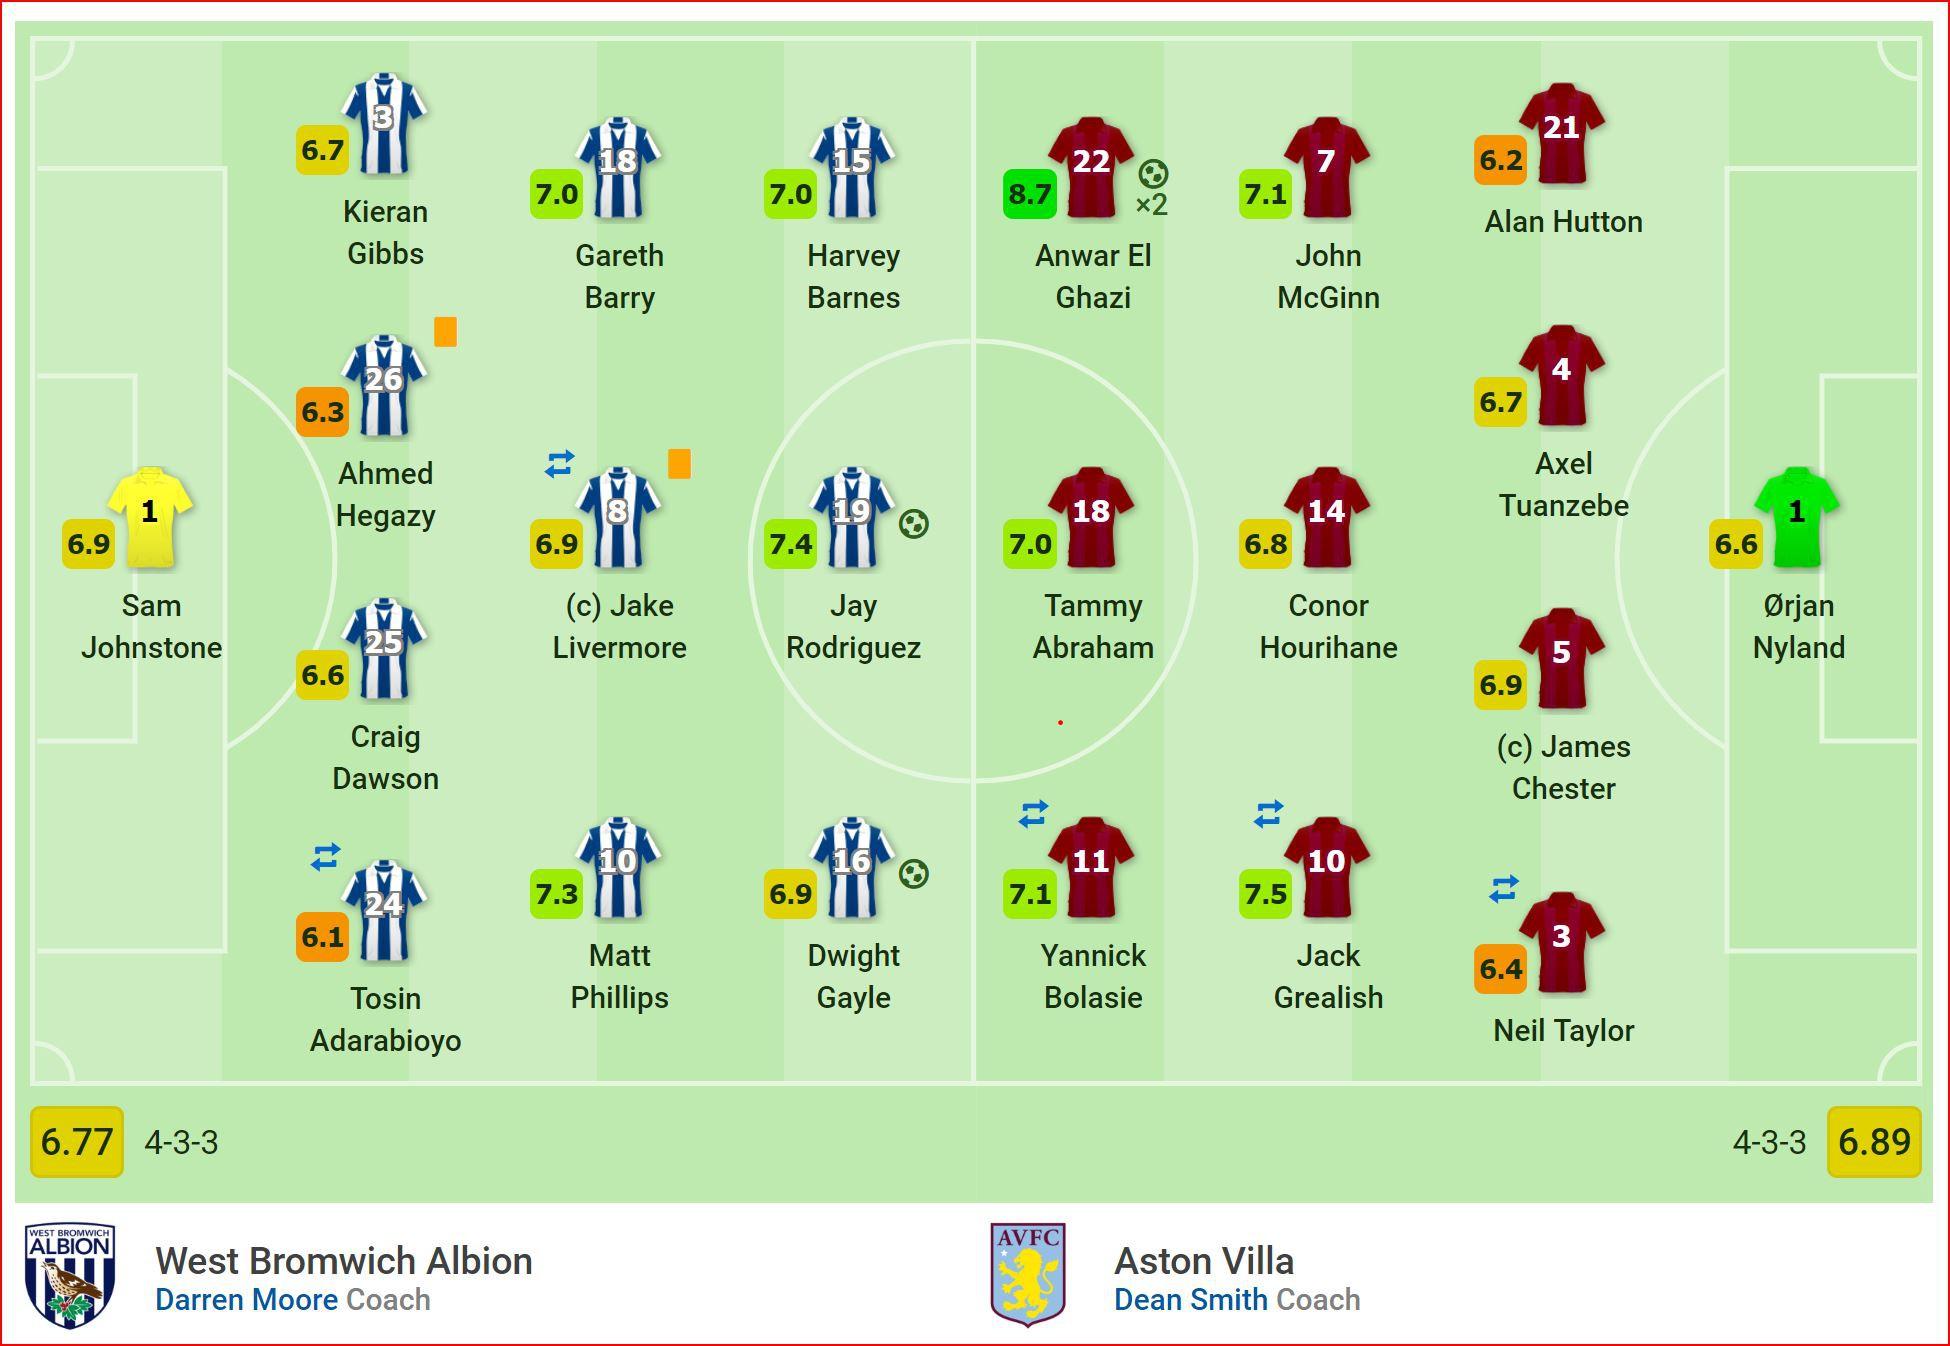 Nhận định West Brom vs Aston Villa (2h00, 15/5) Playoff lên hạng Premier League: Công cường gặp thủ chắc - Ảnh 4.